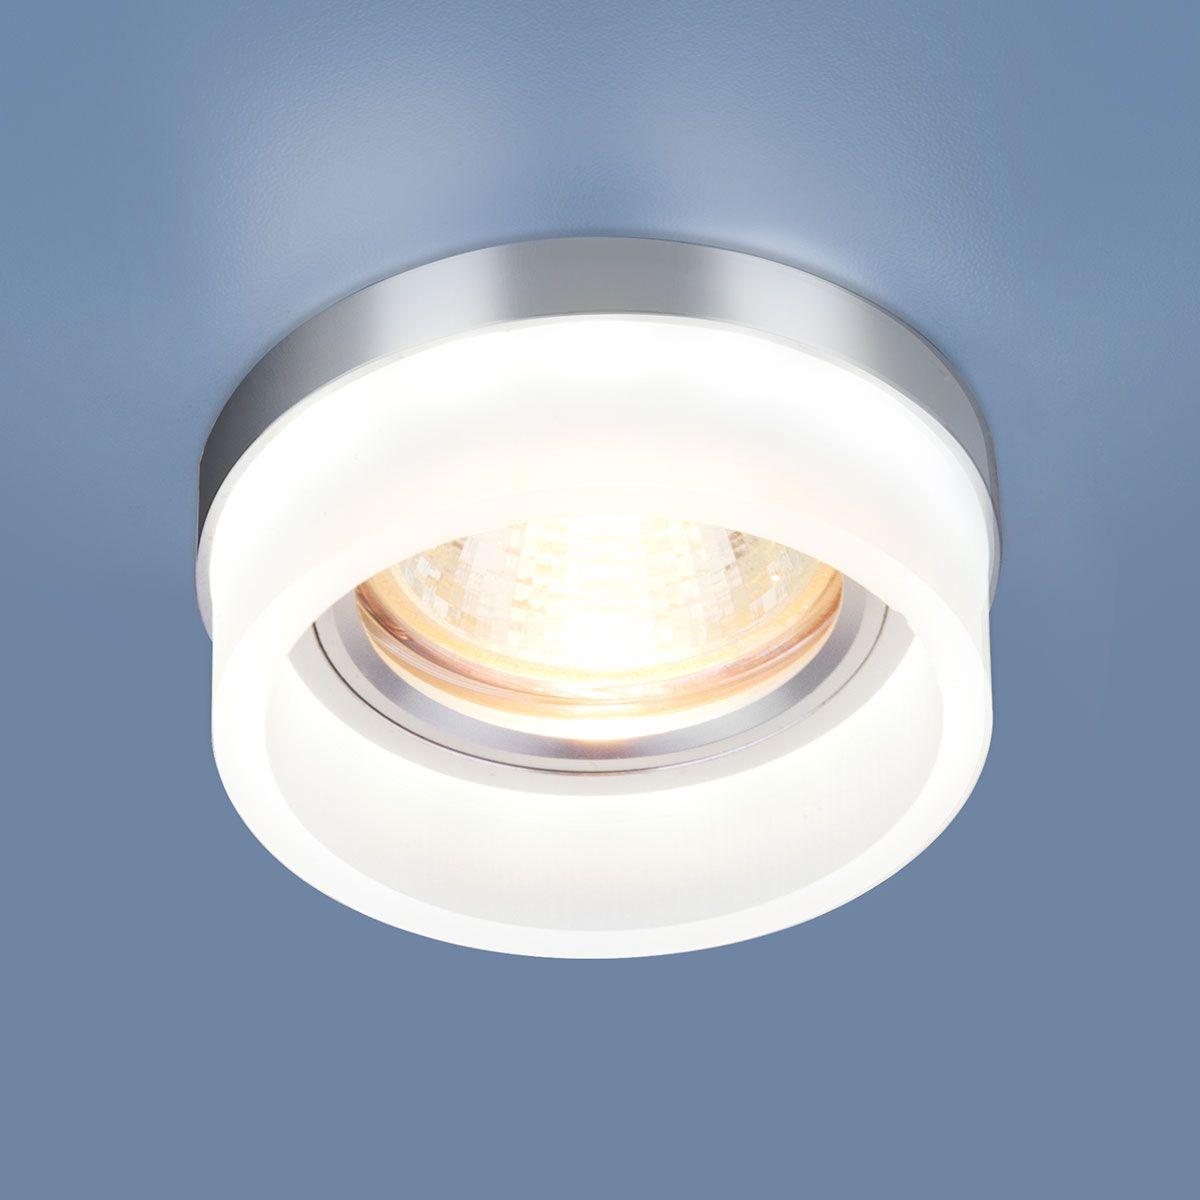 Точечный светодиодный светильник 2205 MR16 MT матовый